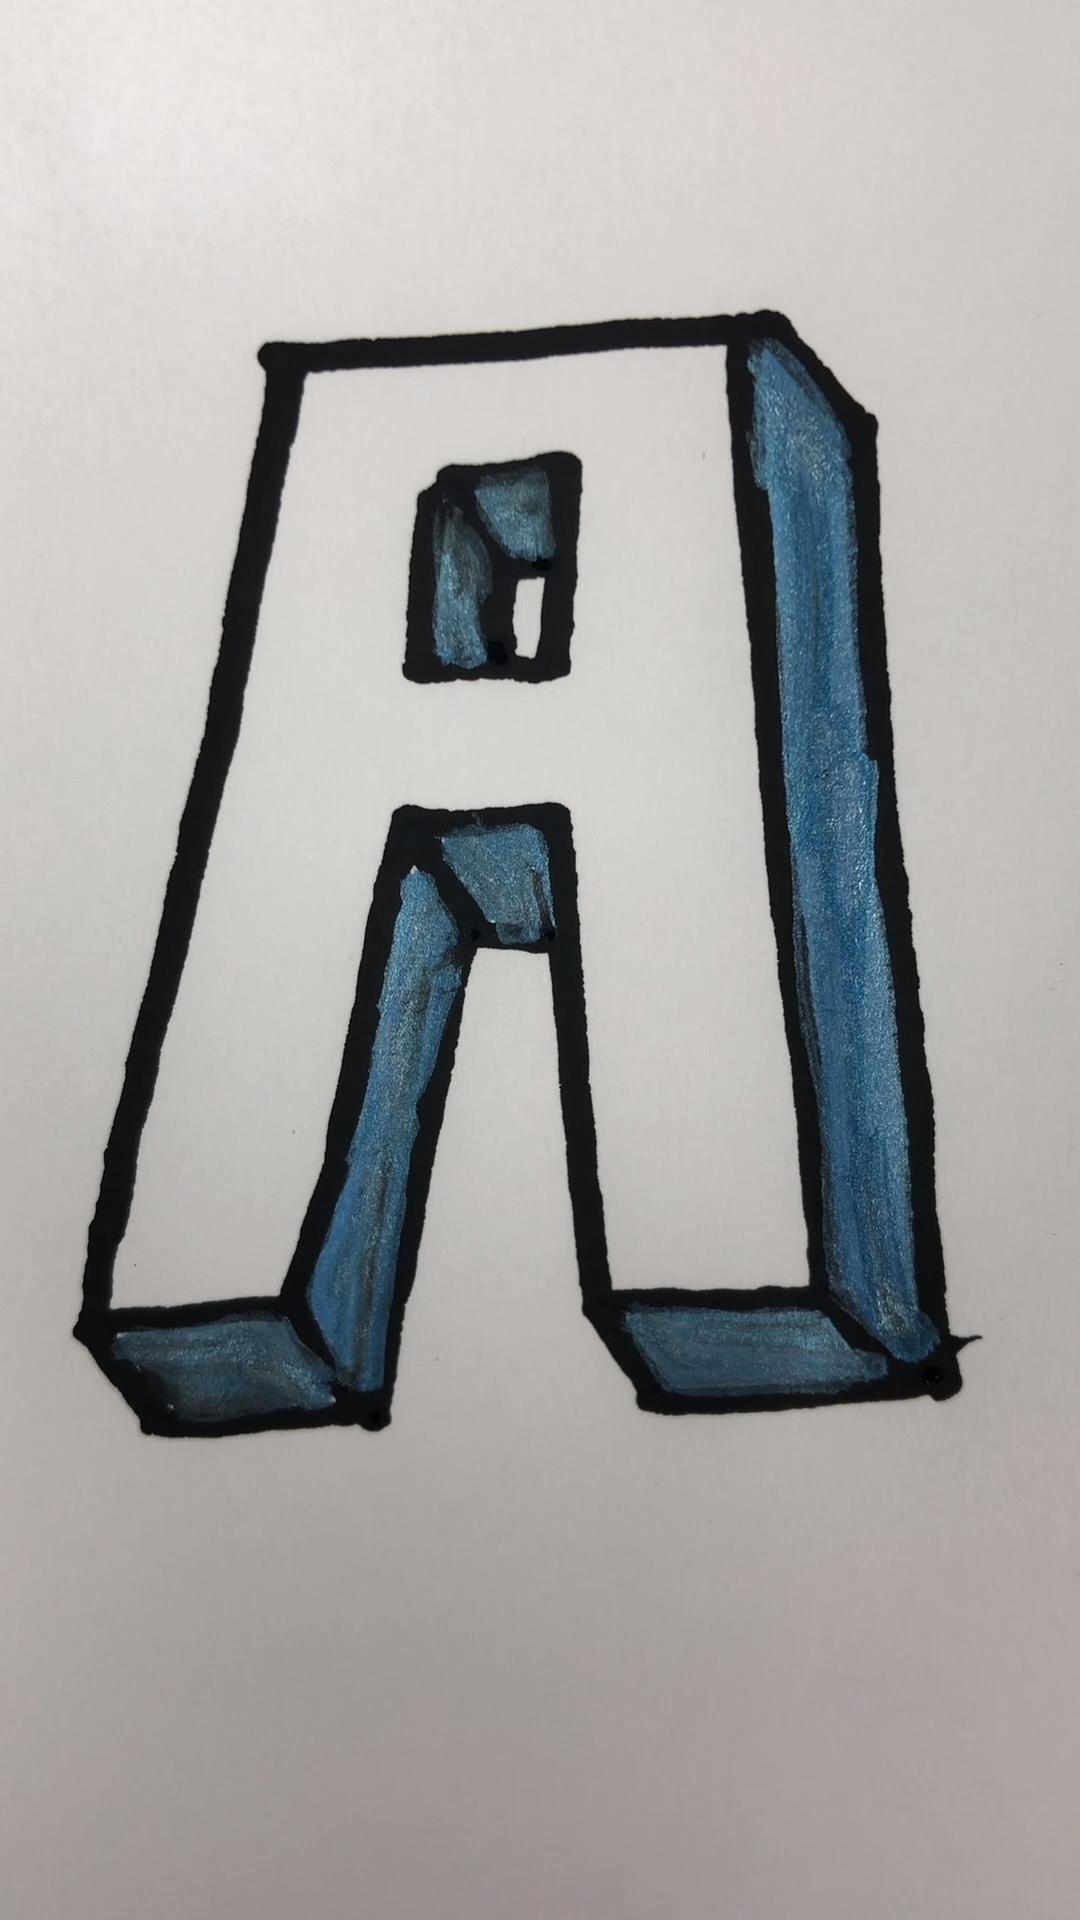 3d Buchstaben Zeichnen How To Draw An A In 3d Video Buchstaben Zeichnen 3d Zeichnen Zeichnen